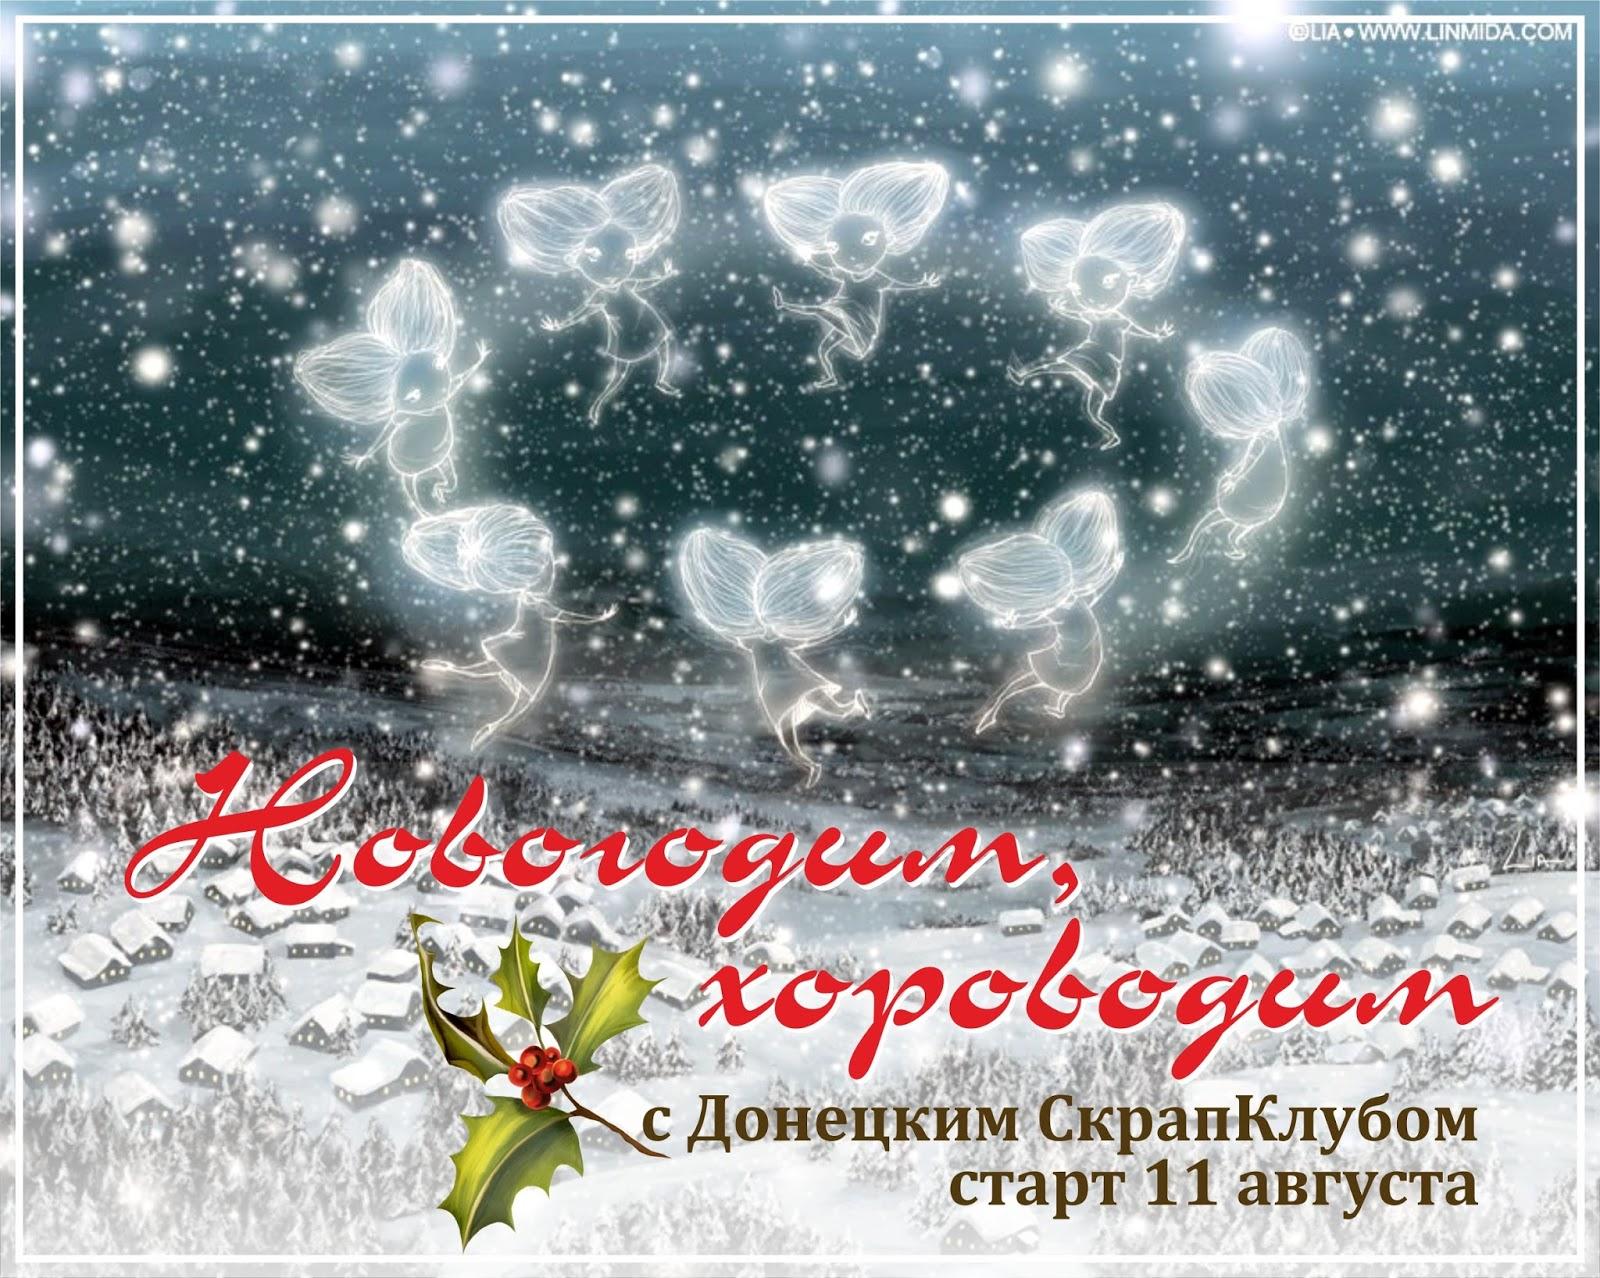 Новогодим, хороводим